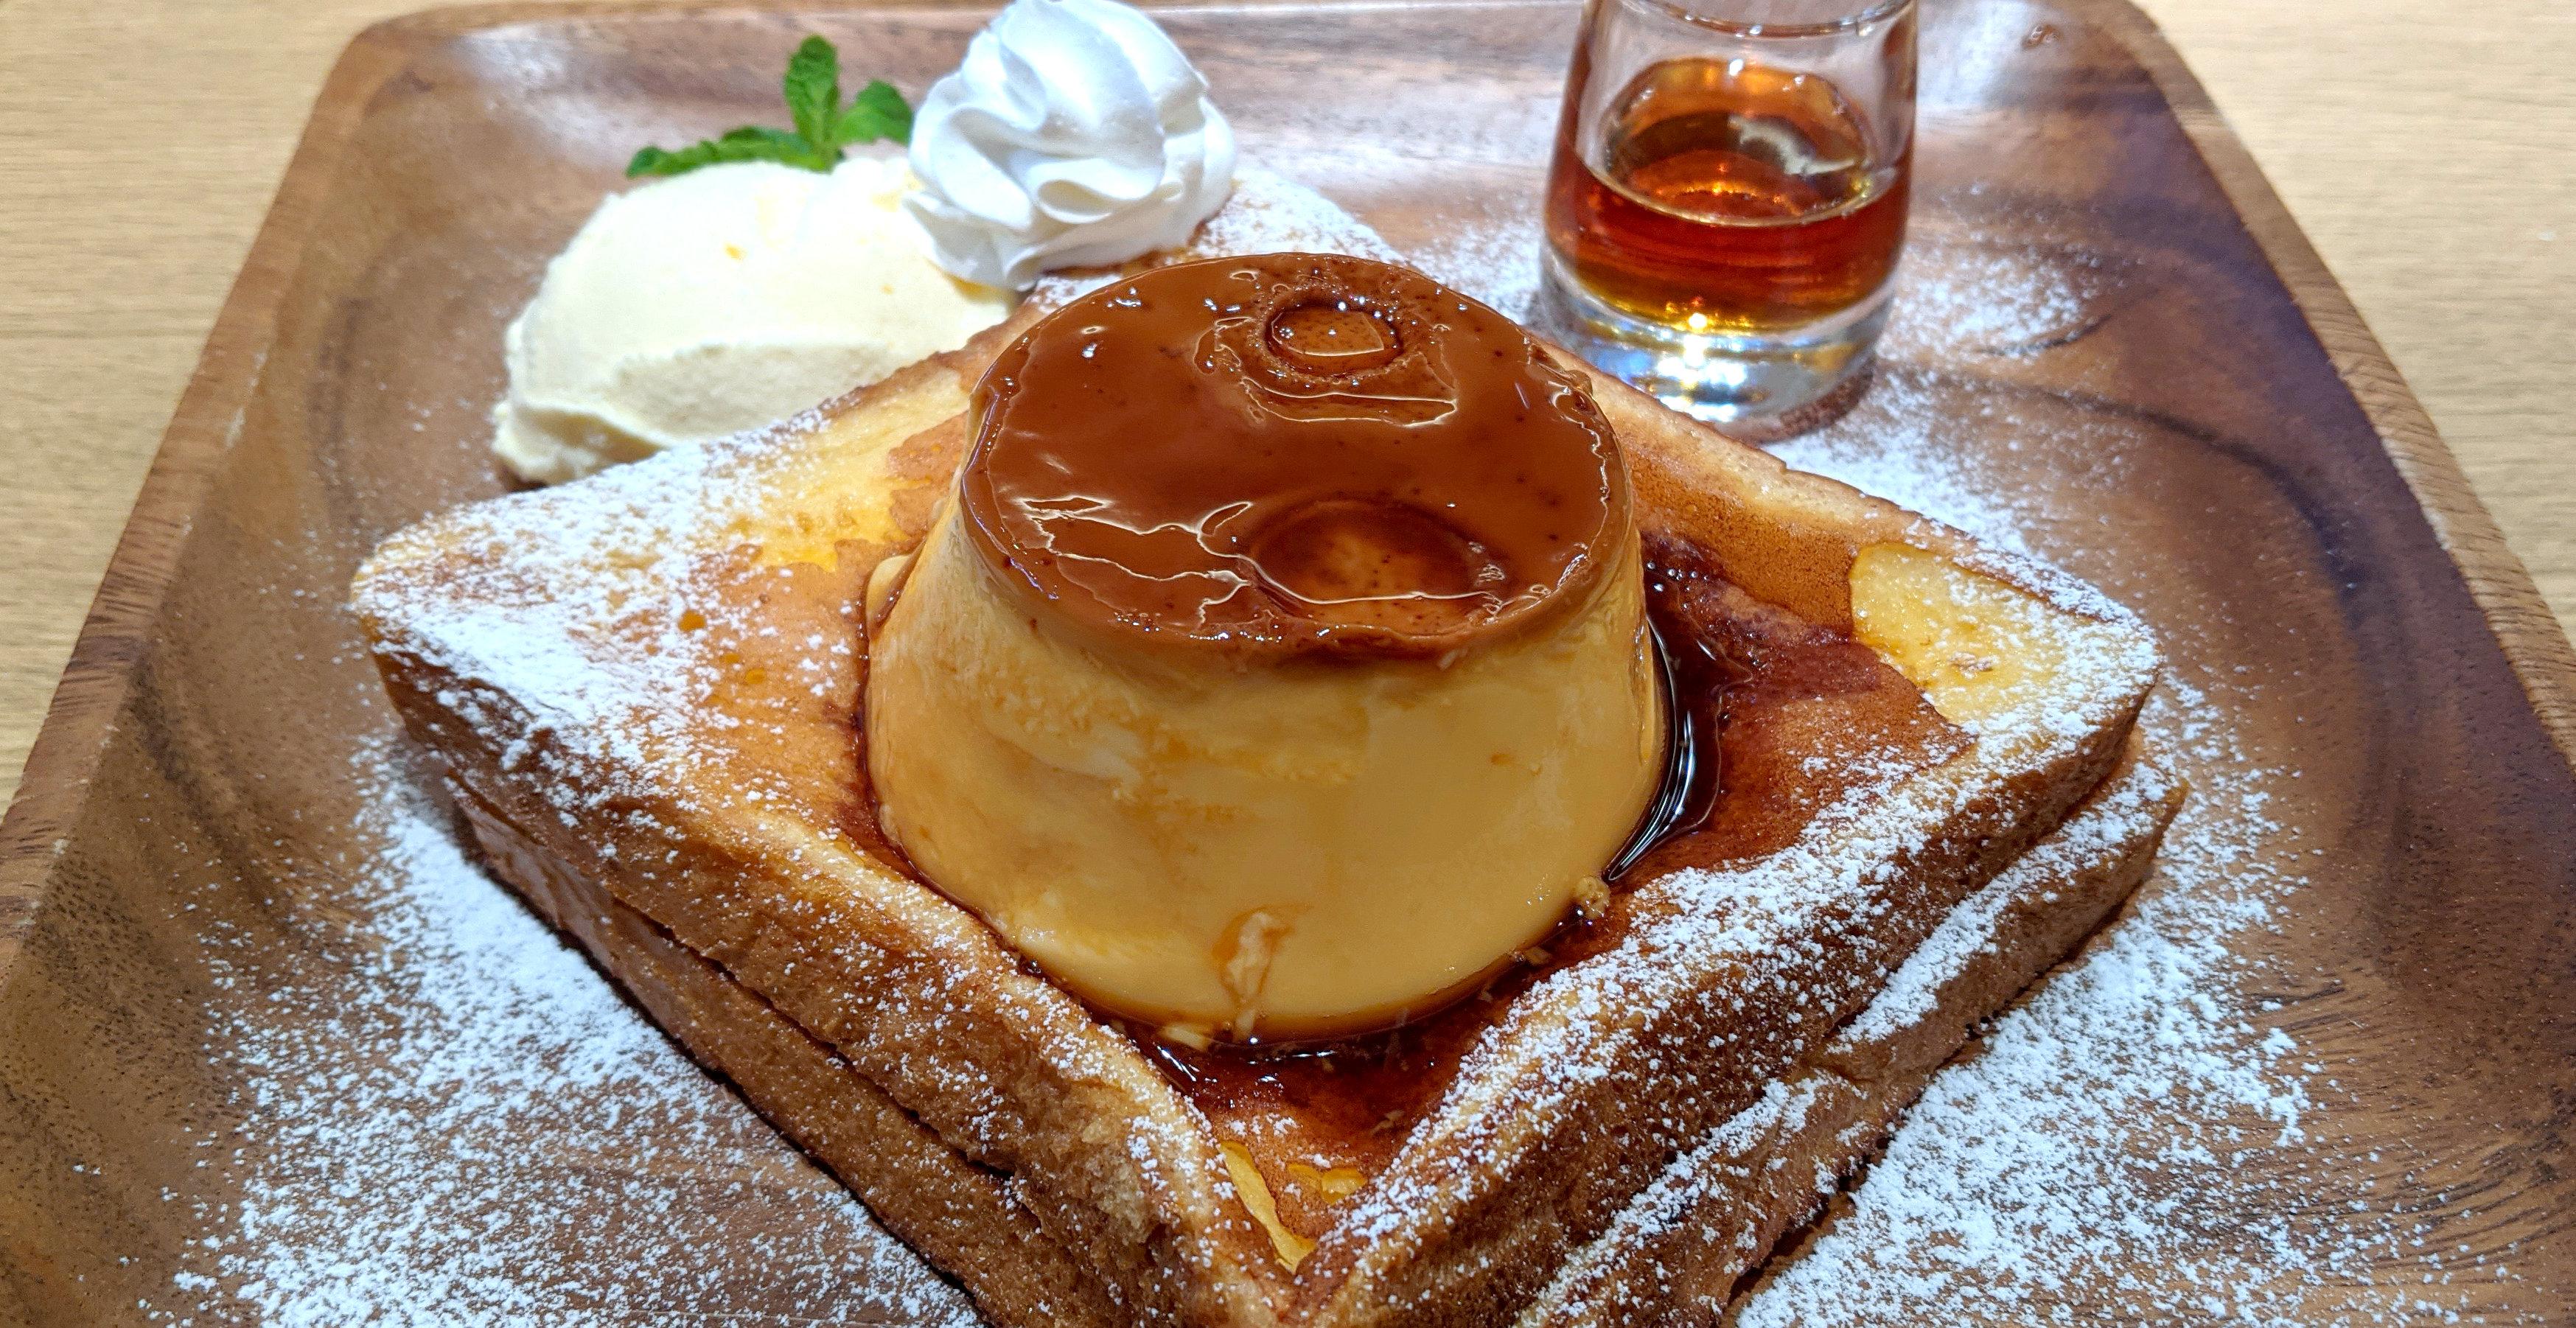 【スイーツ】カラオケまねきねこグループのカフェで提供している「プリンフレンチトースト」が美味すぎる! 東京・大久保